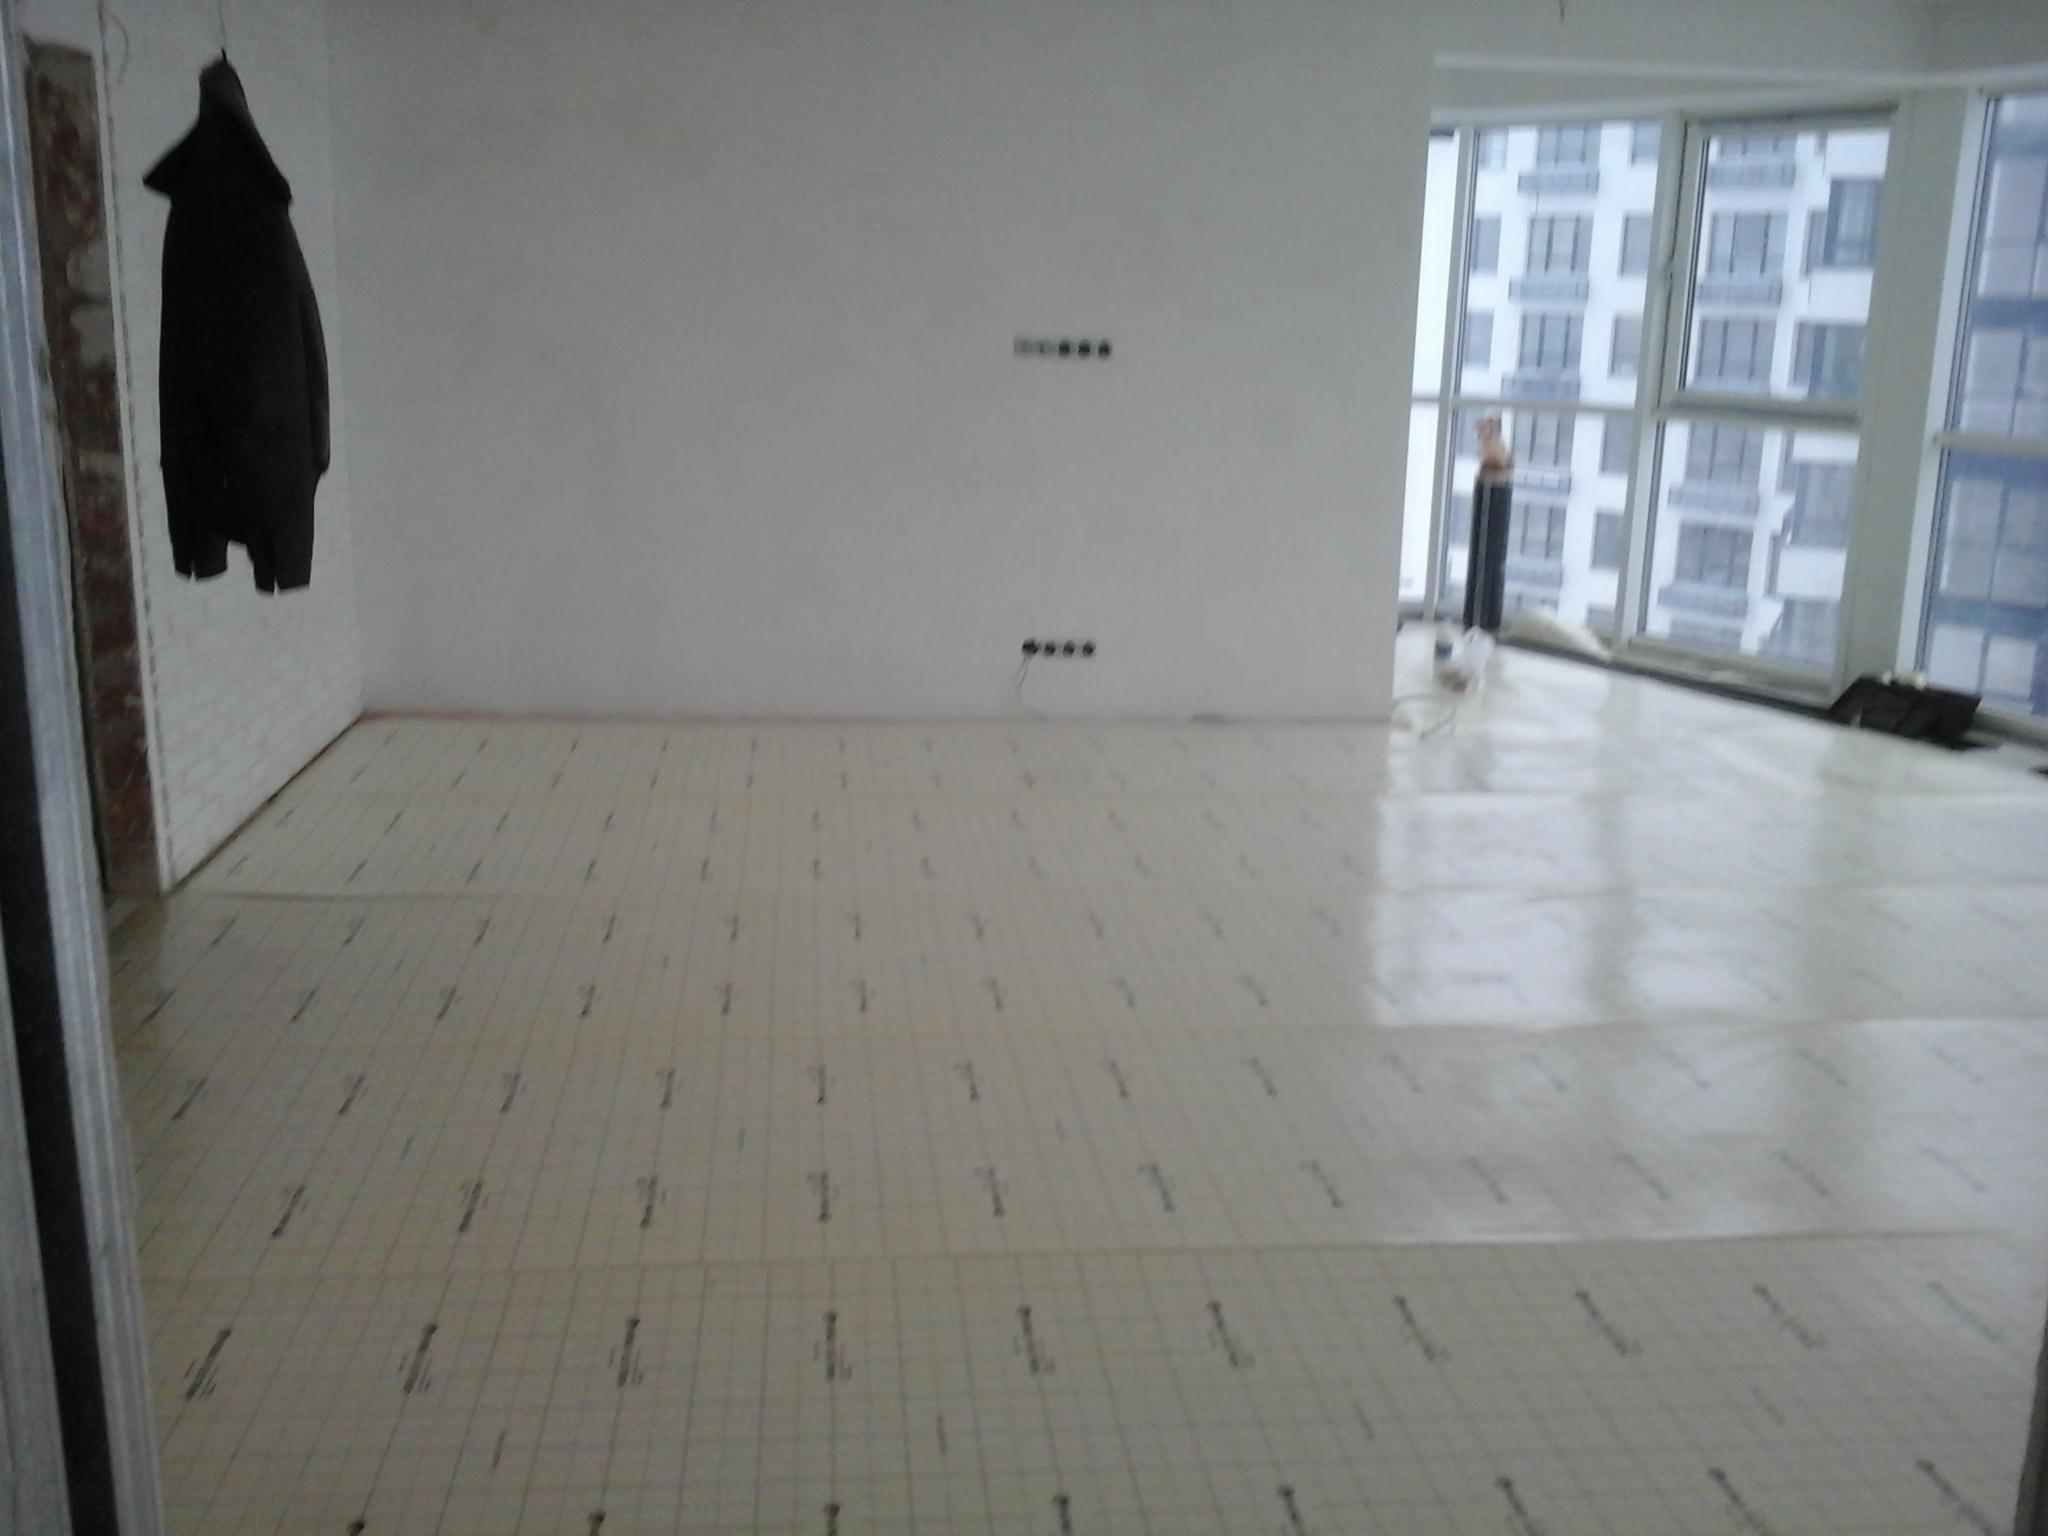 Фото Установка инфракрасного пленочного теплого пола под ламинат как отопление смарт квартиры. г. Киев ул. Заречная 2Г. монтаж проводился 8 часов.